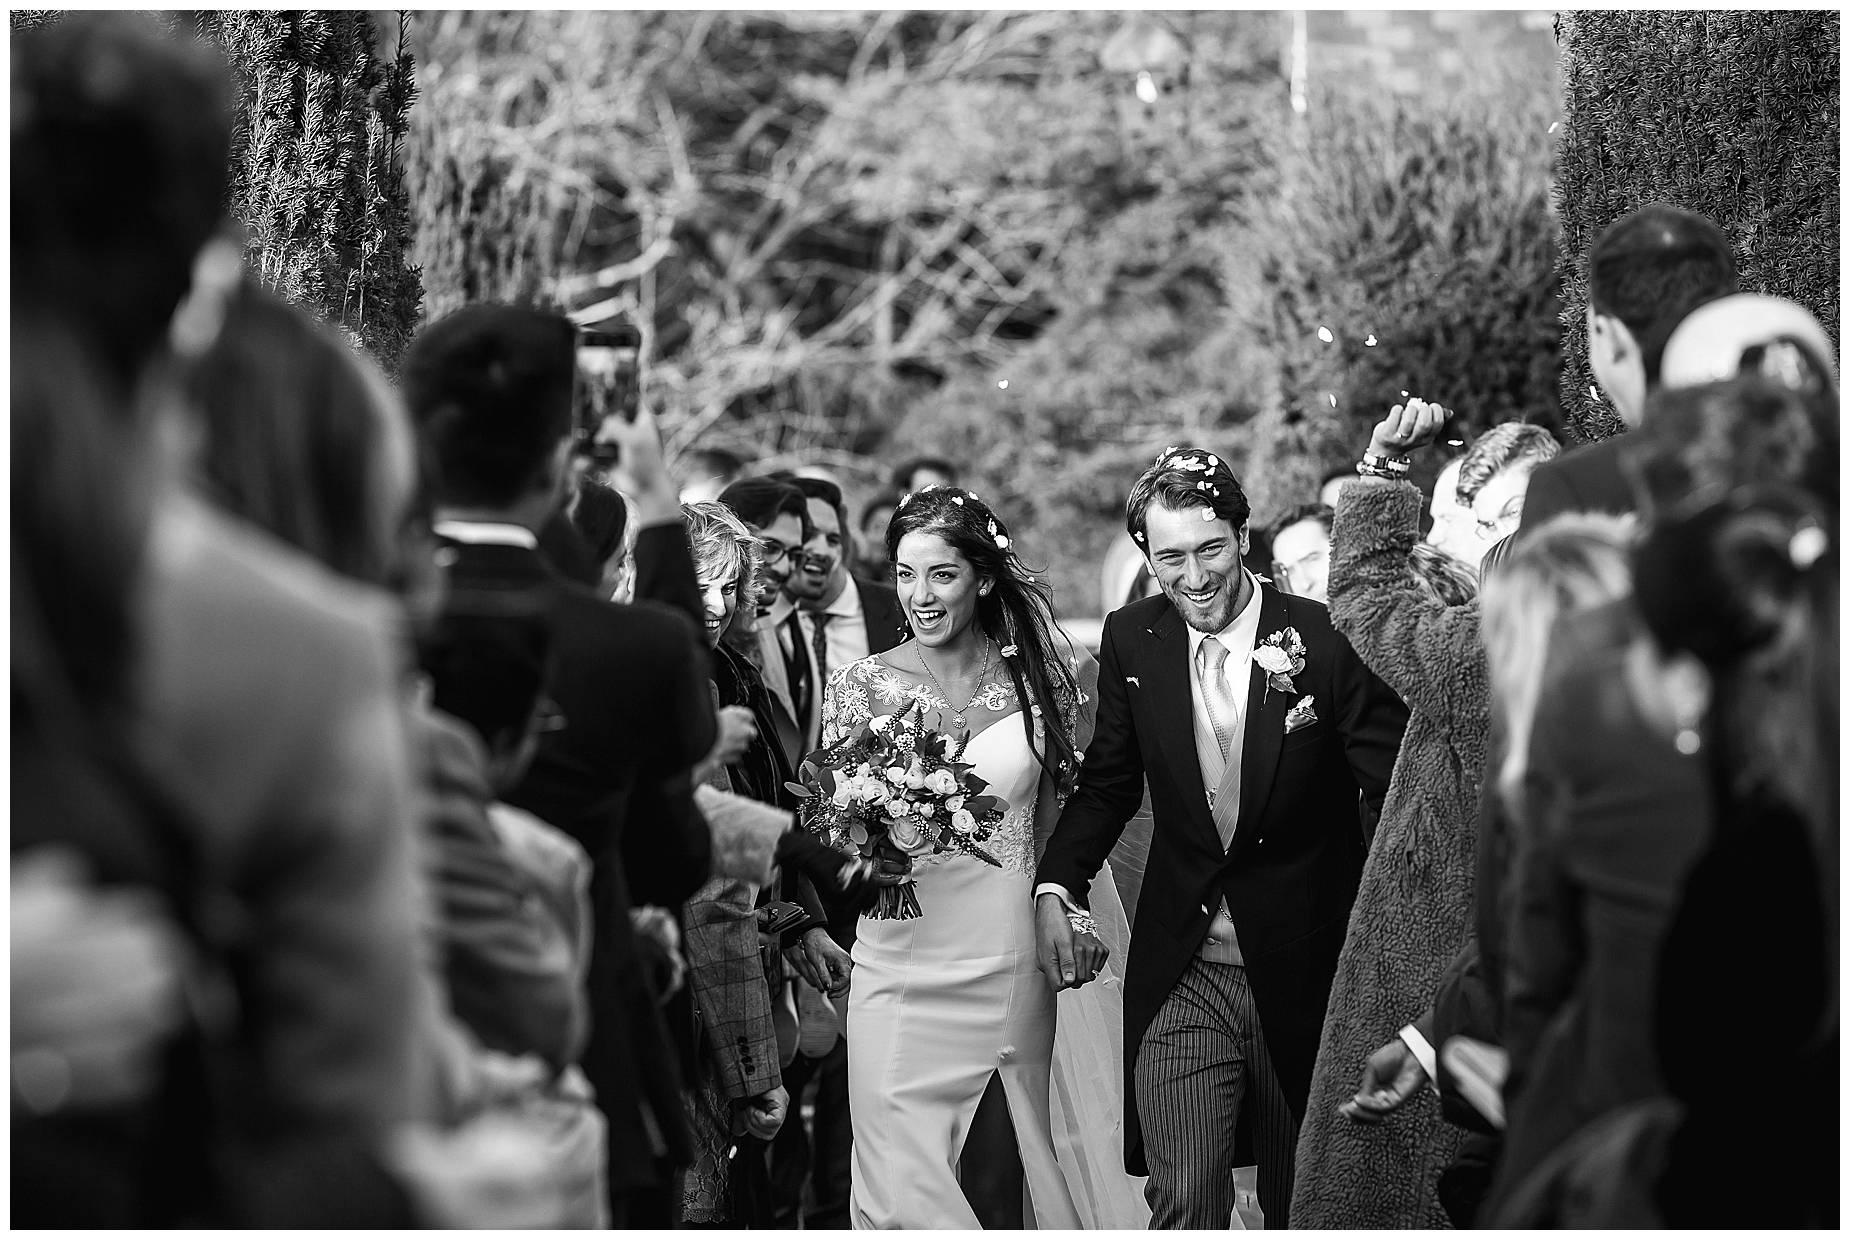 confetti throw st nichloas church wedding